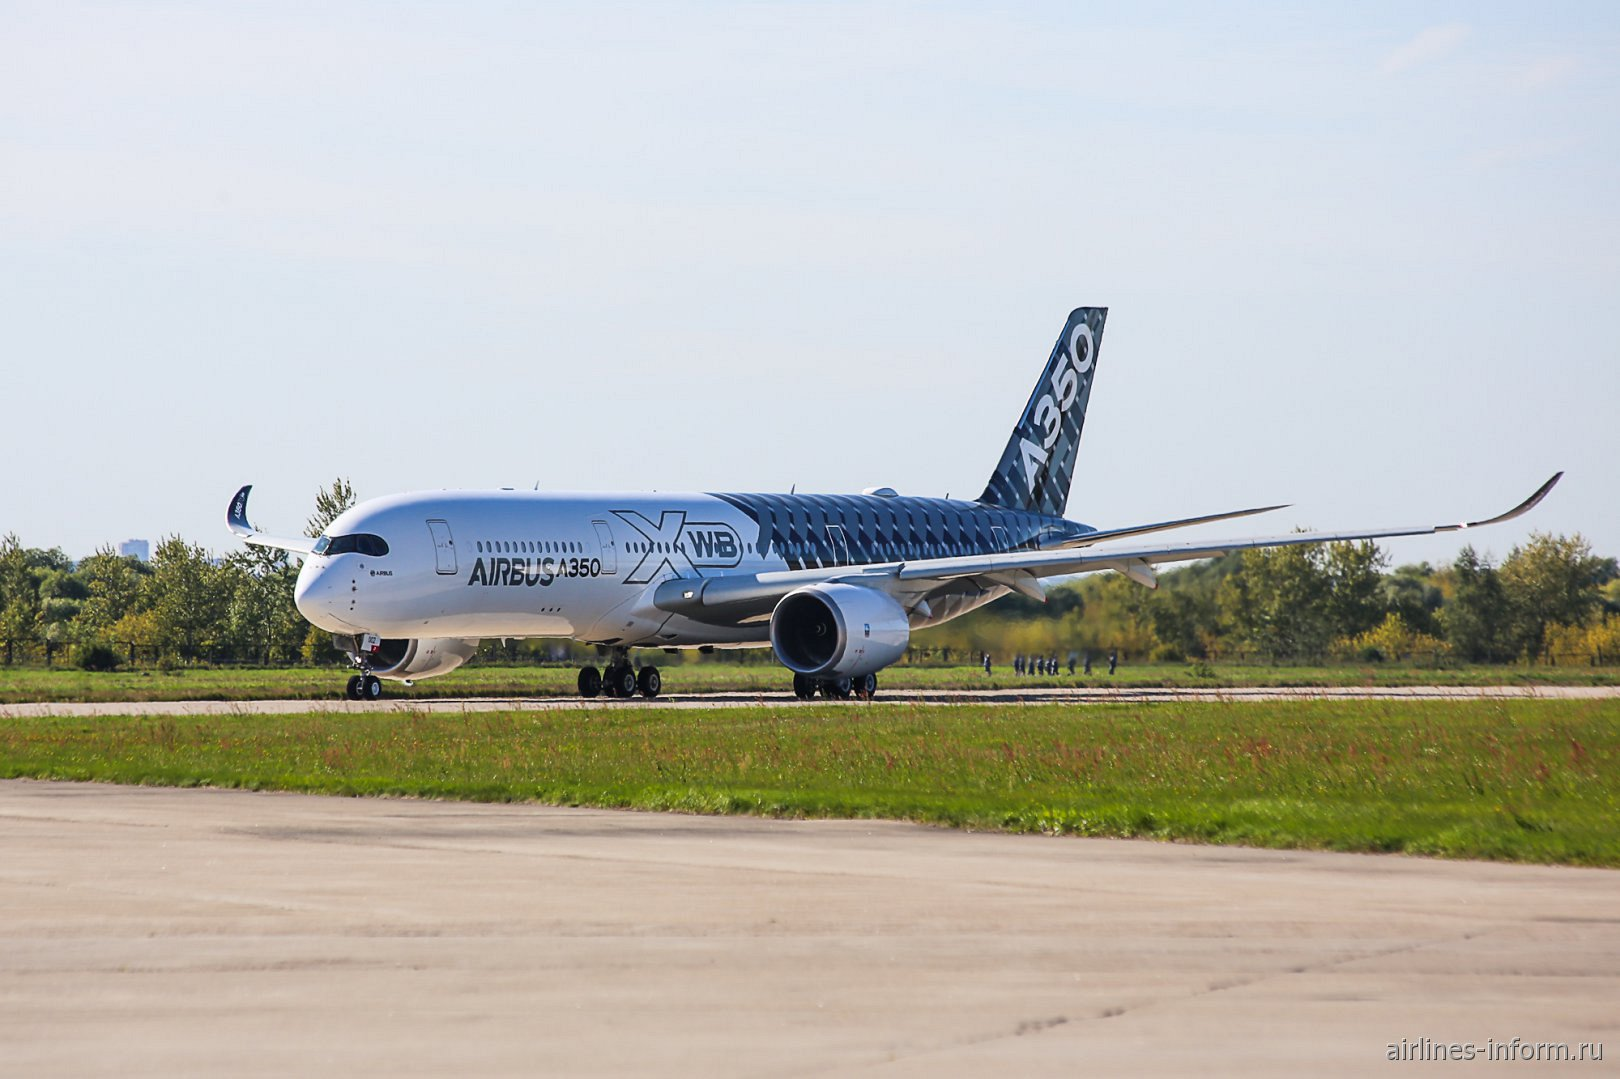 Airbus A350-900XWB готовится к вылету в аэропорту Жуковский